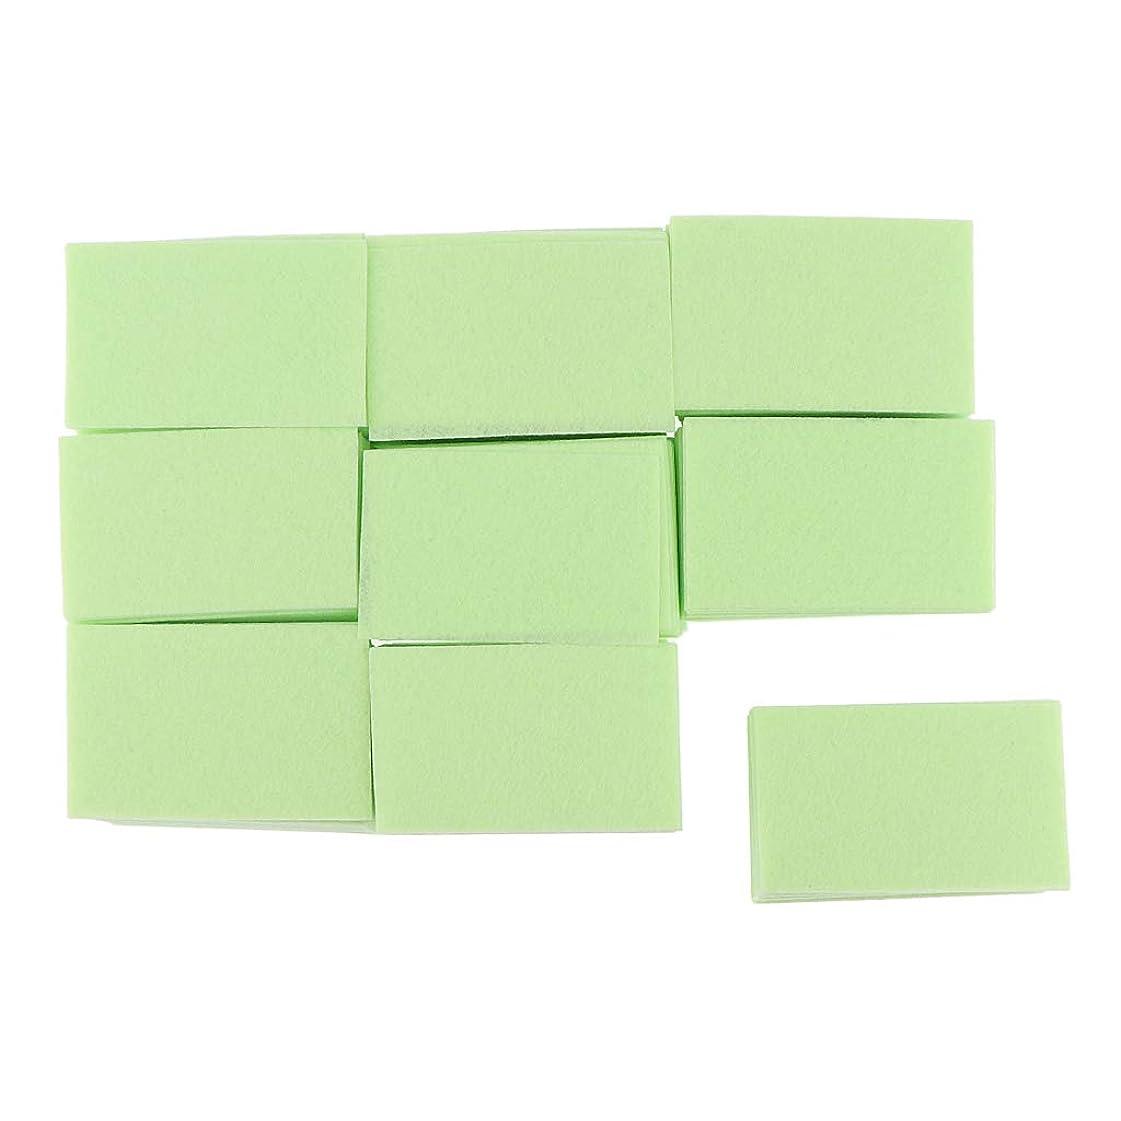 子羊一部破壊的なF Fityle 約700枚 ネイルポリッシュリムーバー コットンパッド マニキュア 2色選べ - 緑